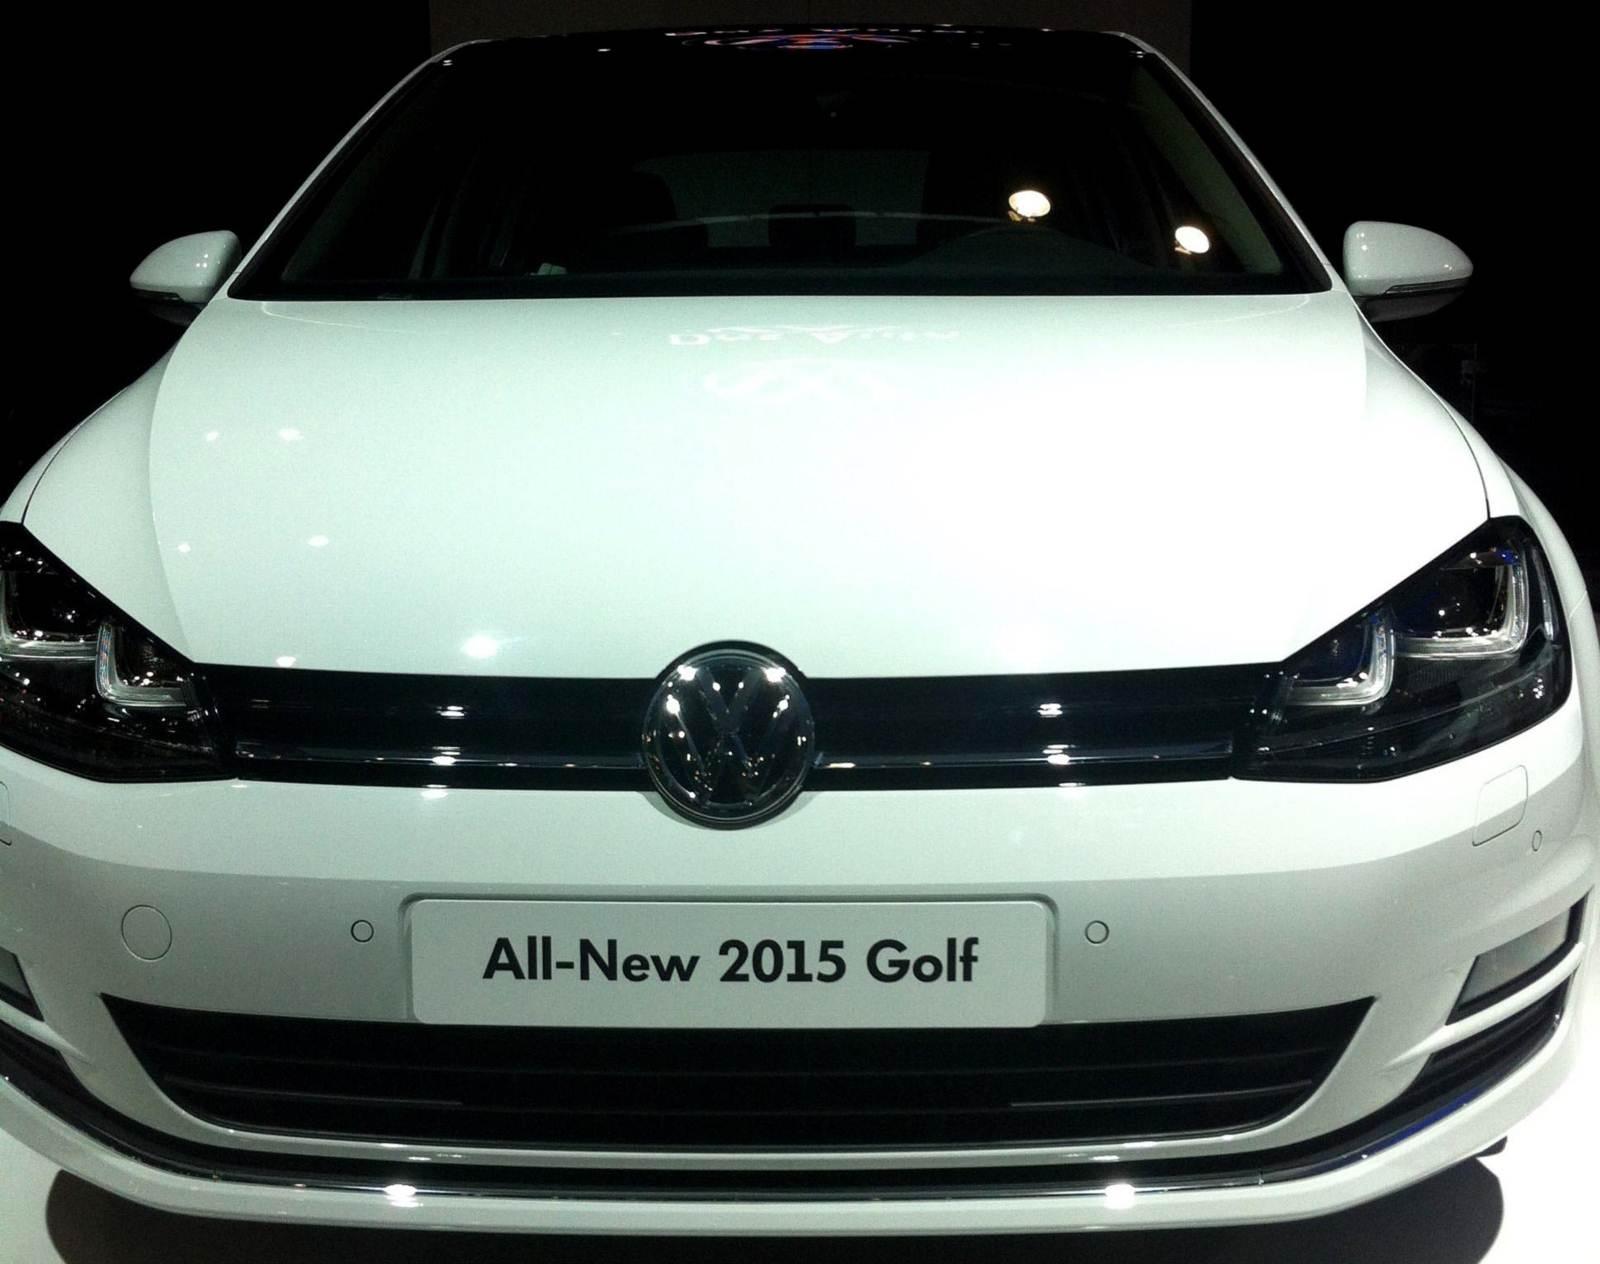 Novo VW Golf 2015 - EUA spec - Produção México